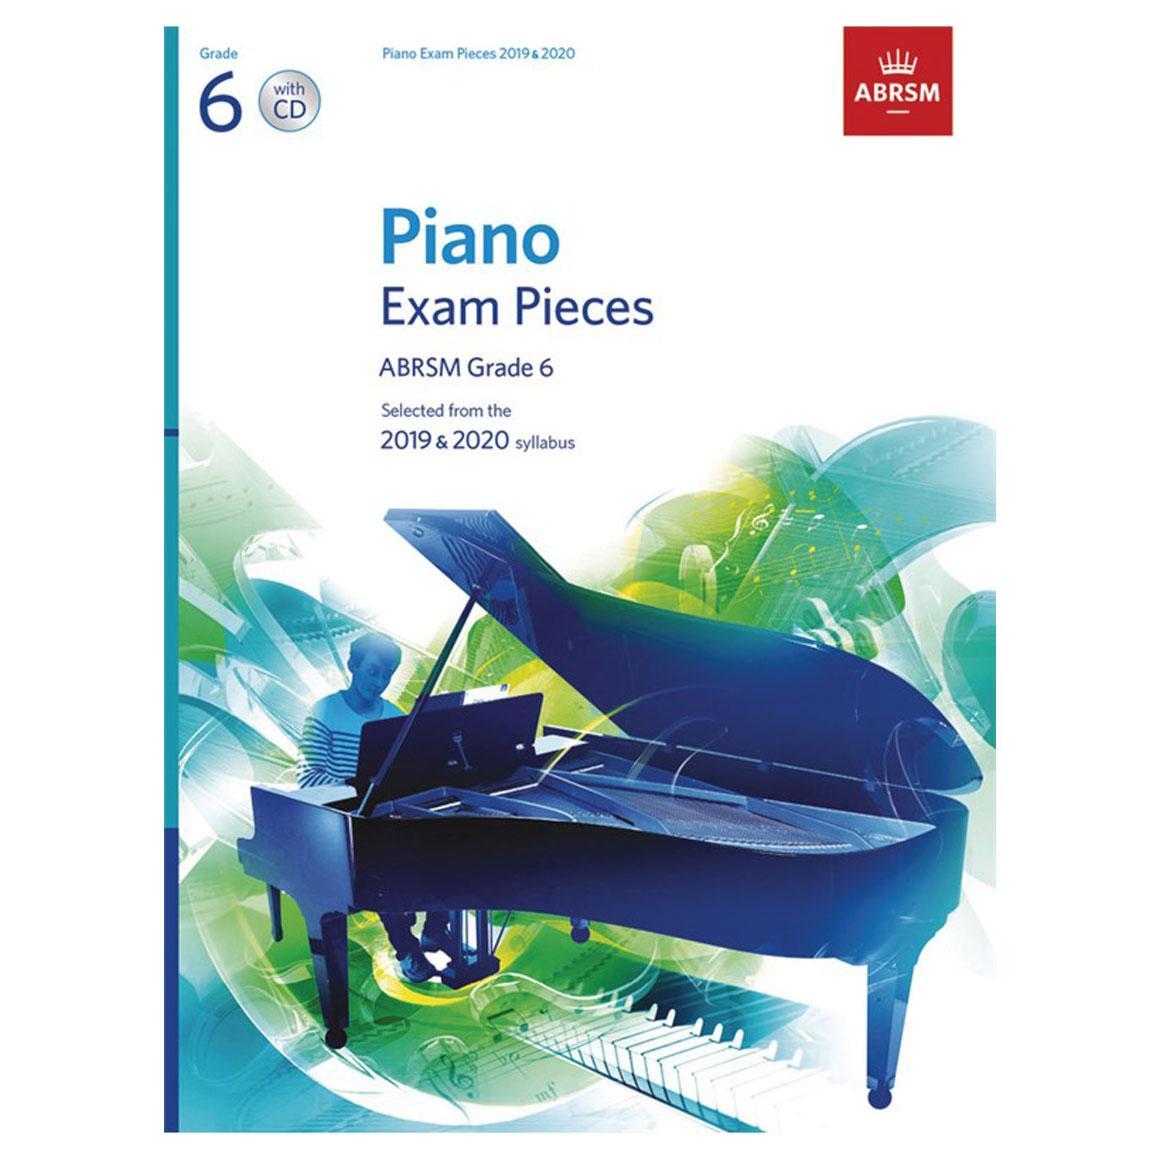 ABRSM Piano Exam Pieces 2019 2020 - Grade 6 (Book And CD)